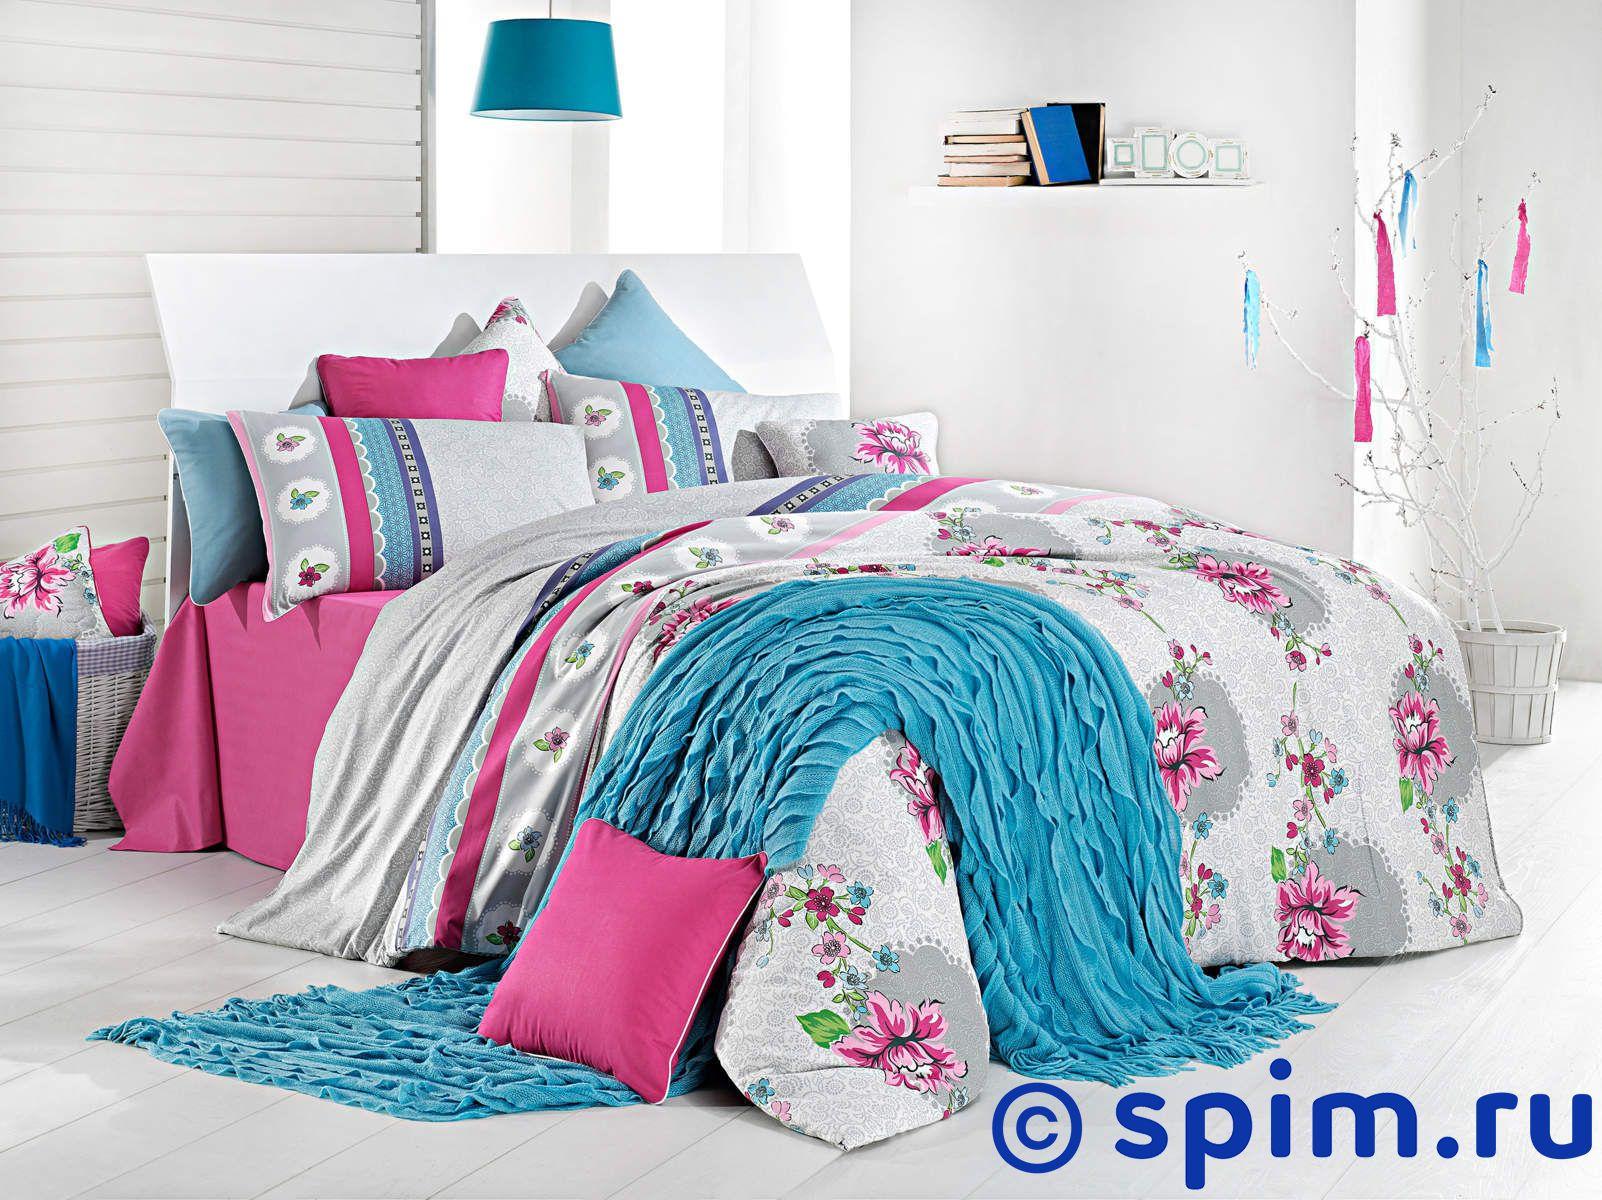 Постельное белье Issimo Floris Евро-стандарт постельное белье issimo salome евро стандарт